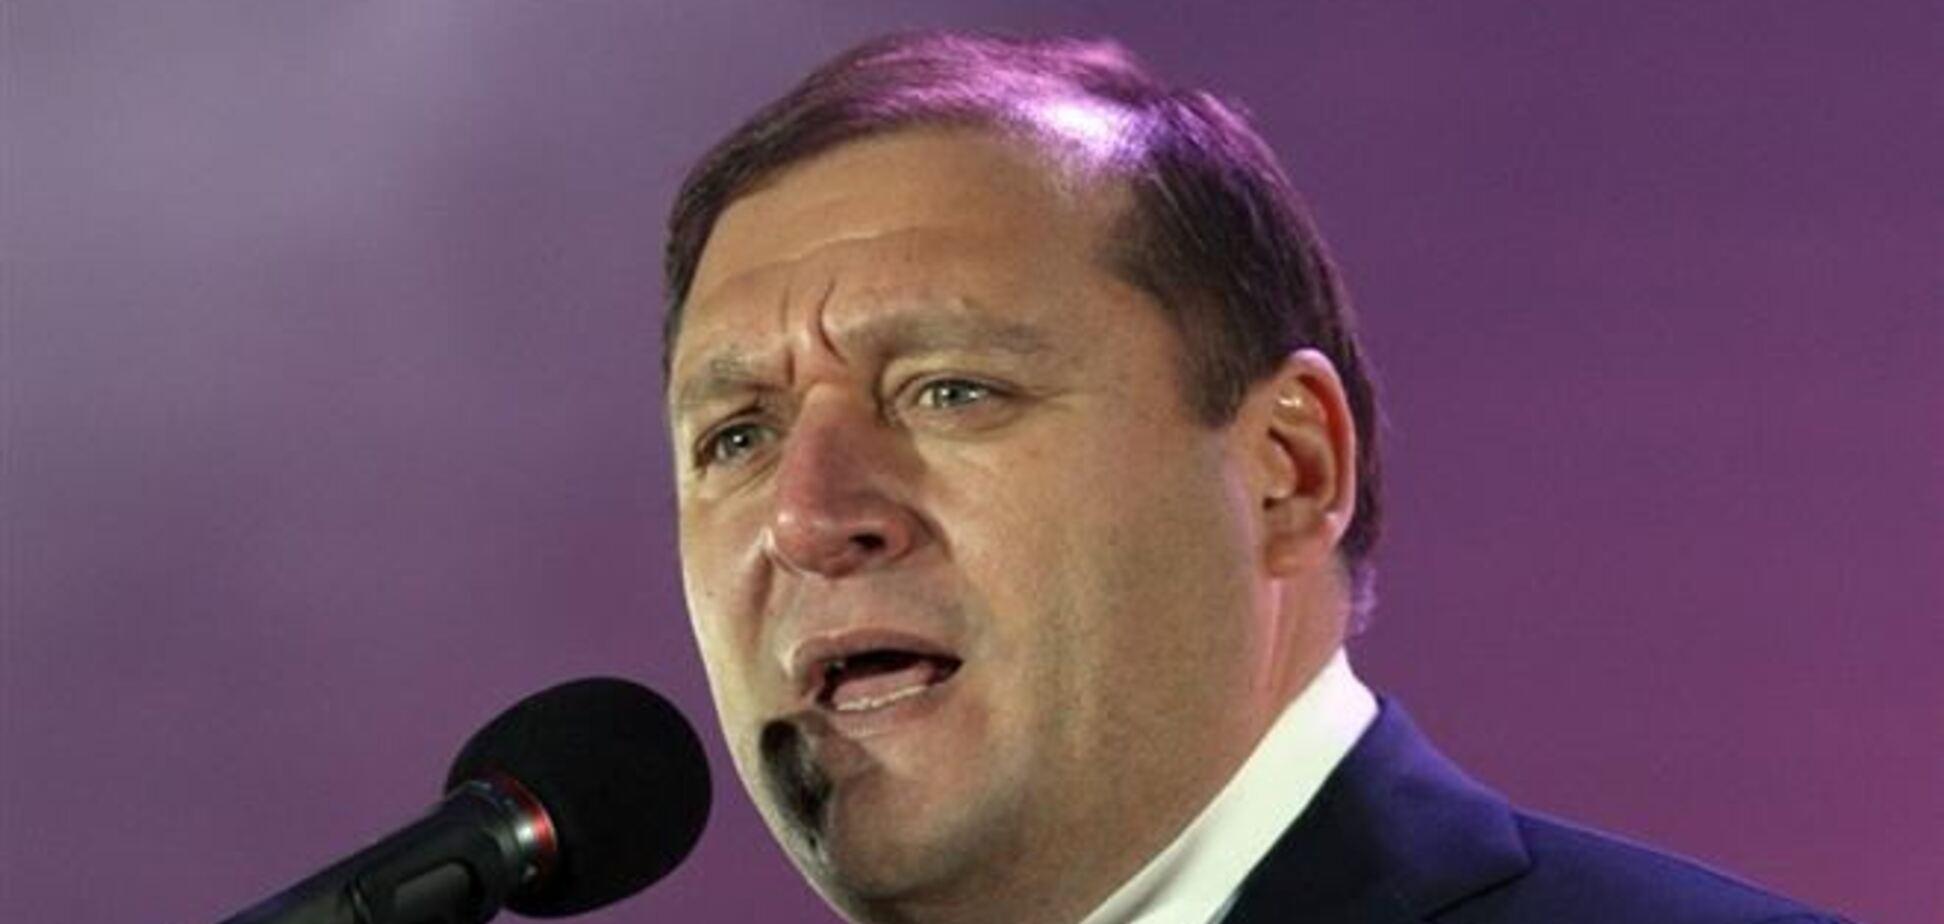 Крым вернется в состав Украины, когда крымчане поверят украинской власти - Добкин